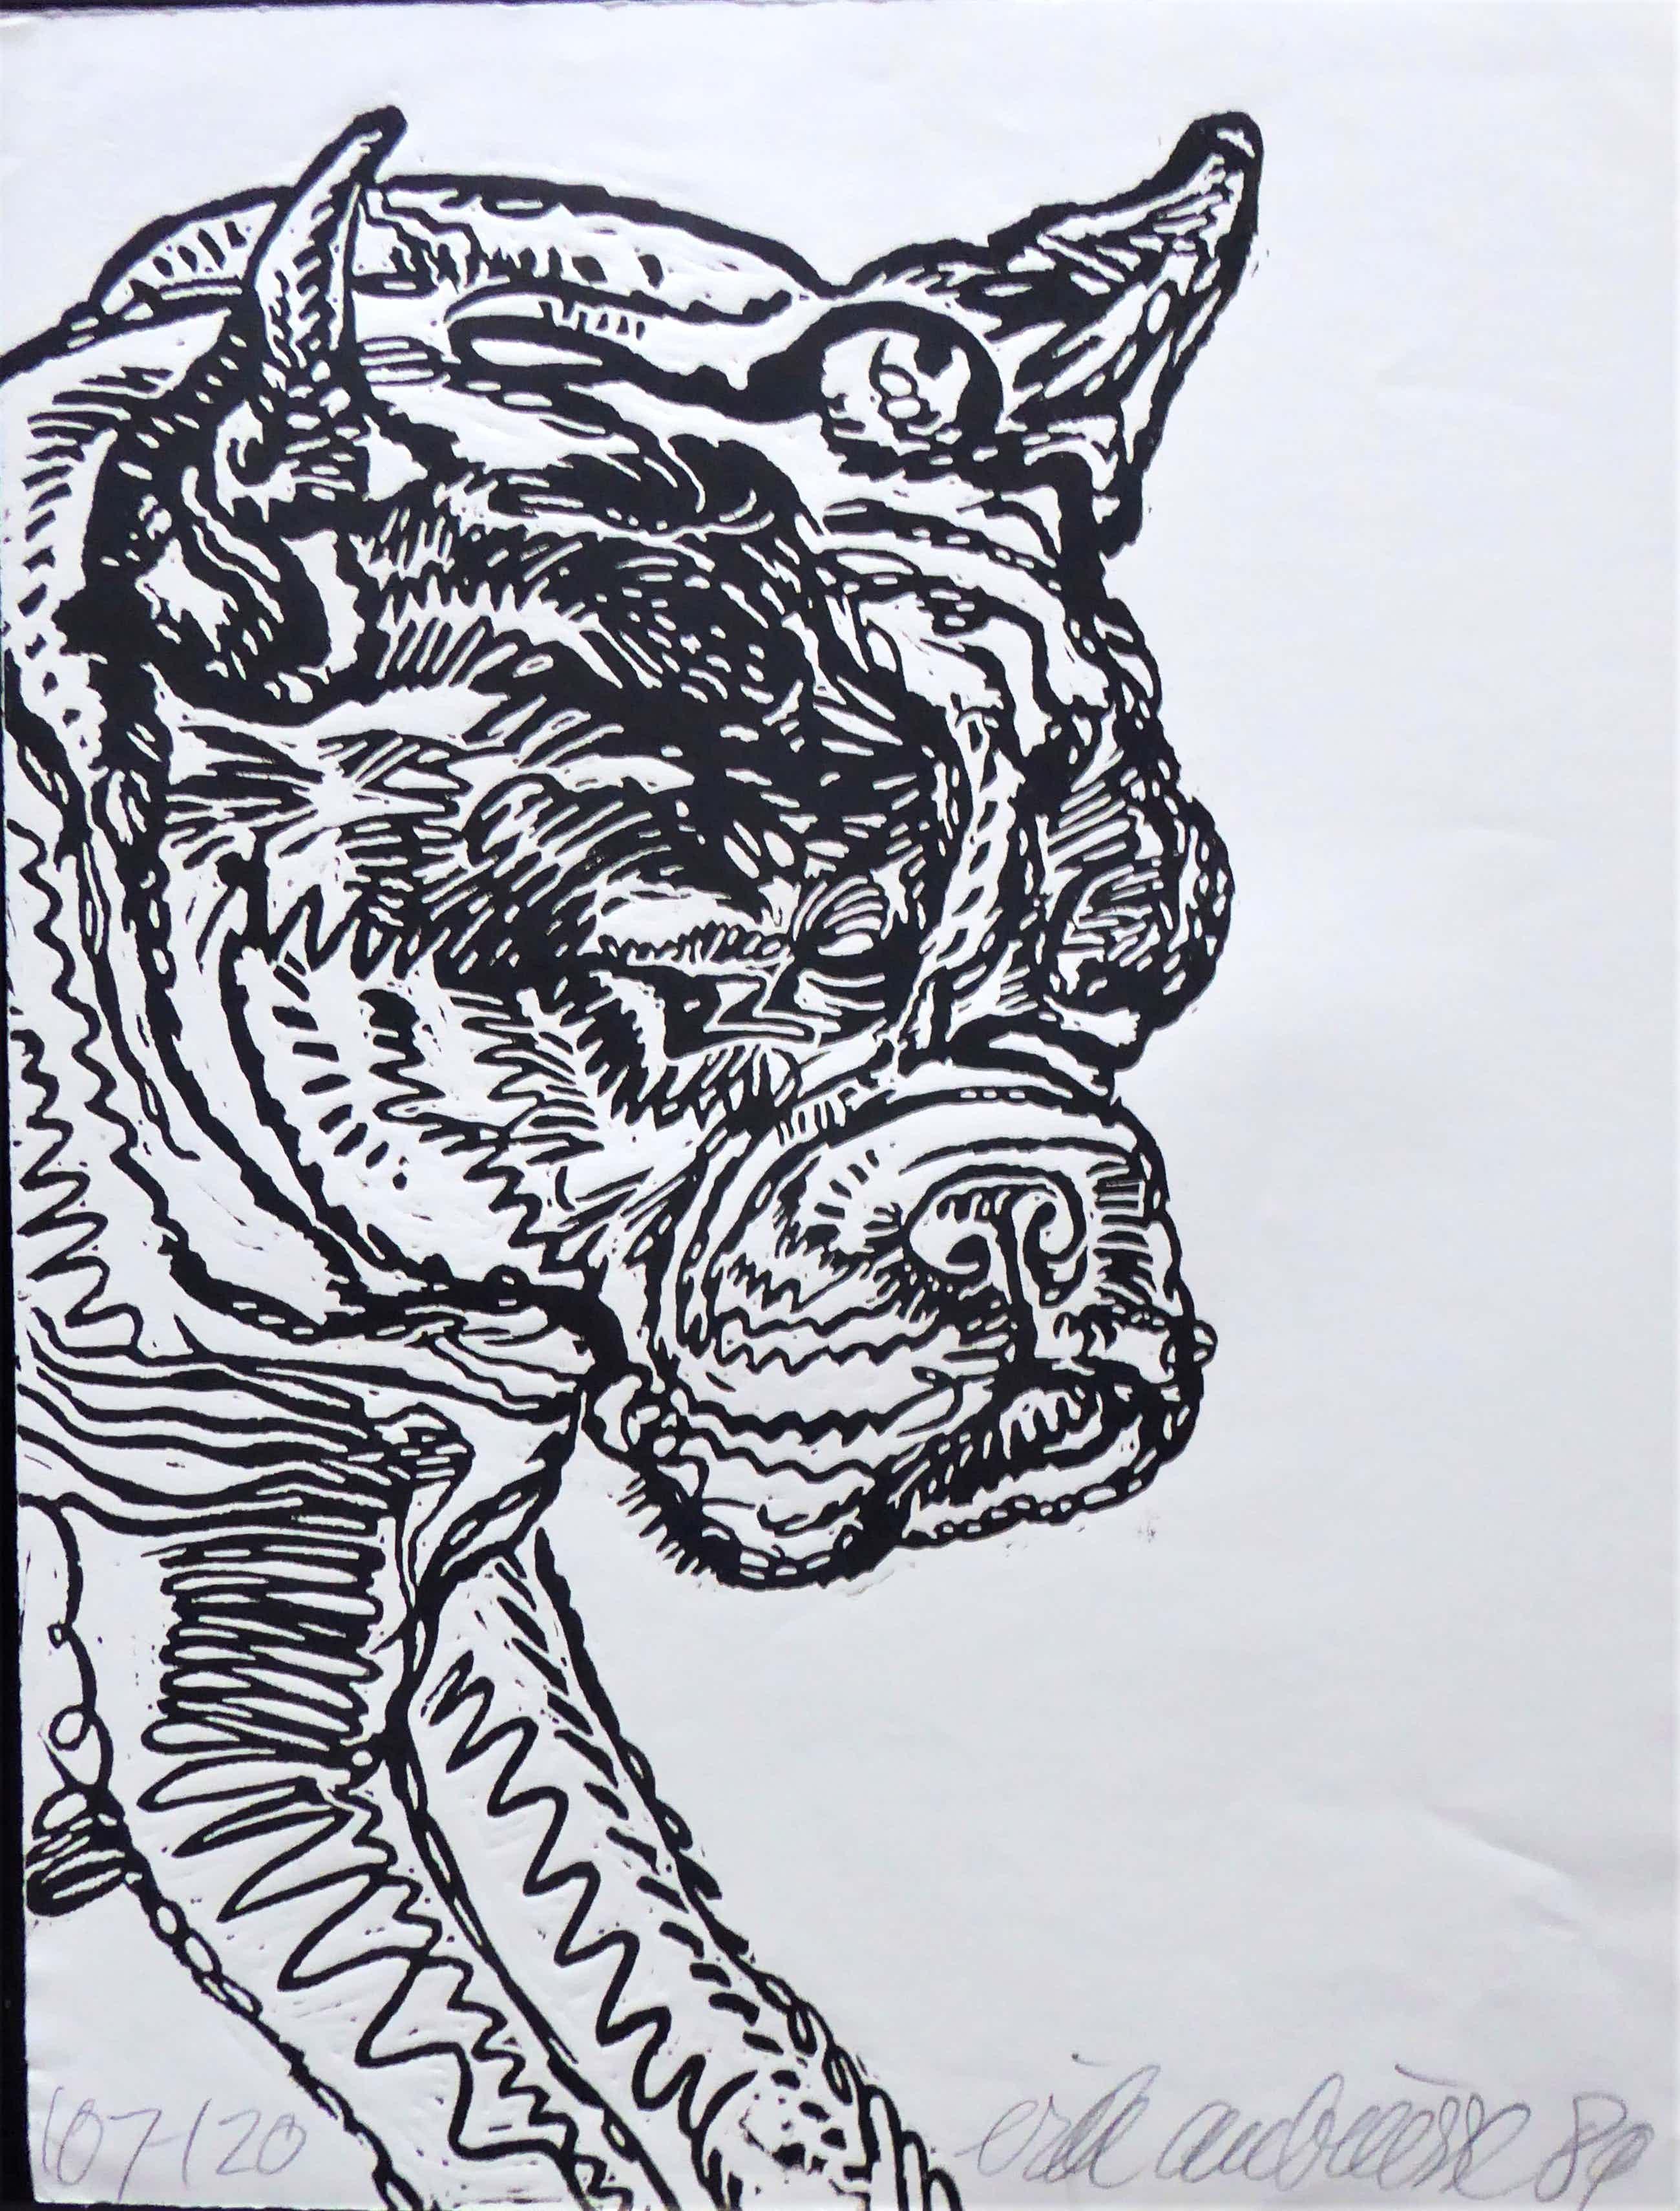 Erik Andriesse - Portret 'Igor' kopen? Bied vanaf 480!